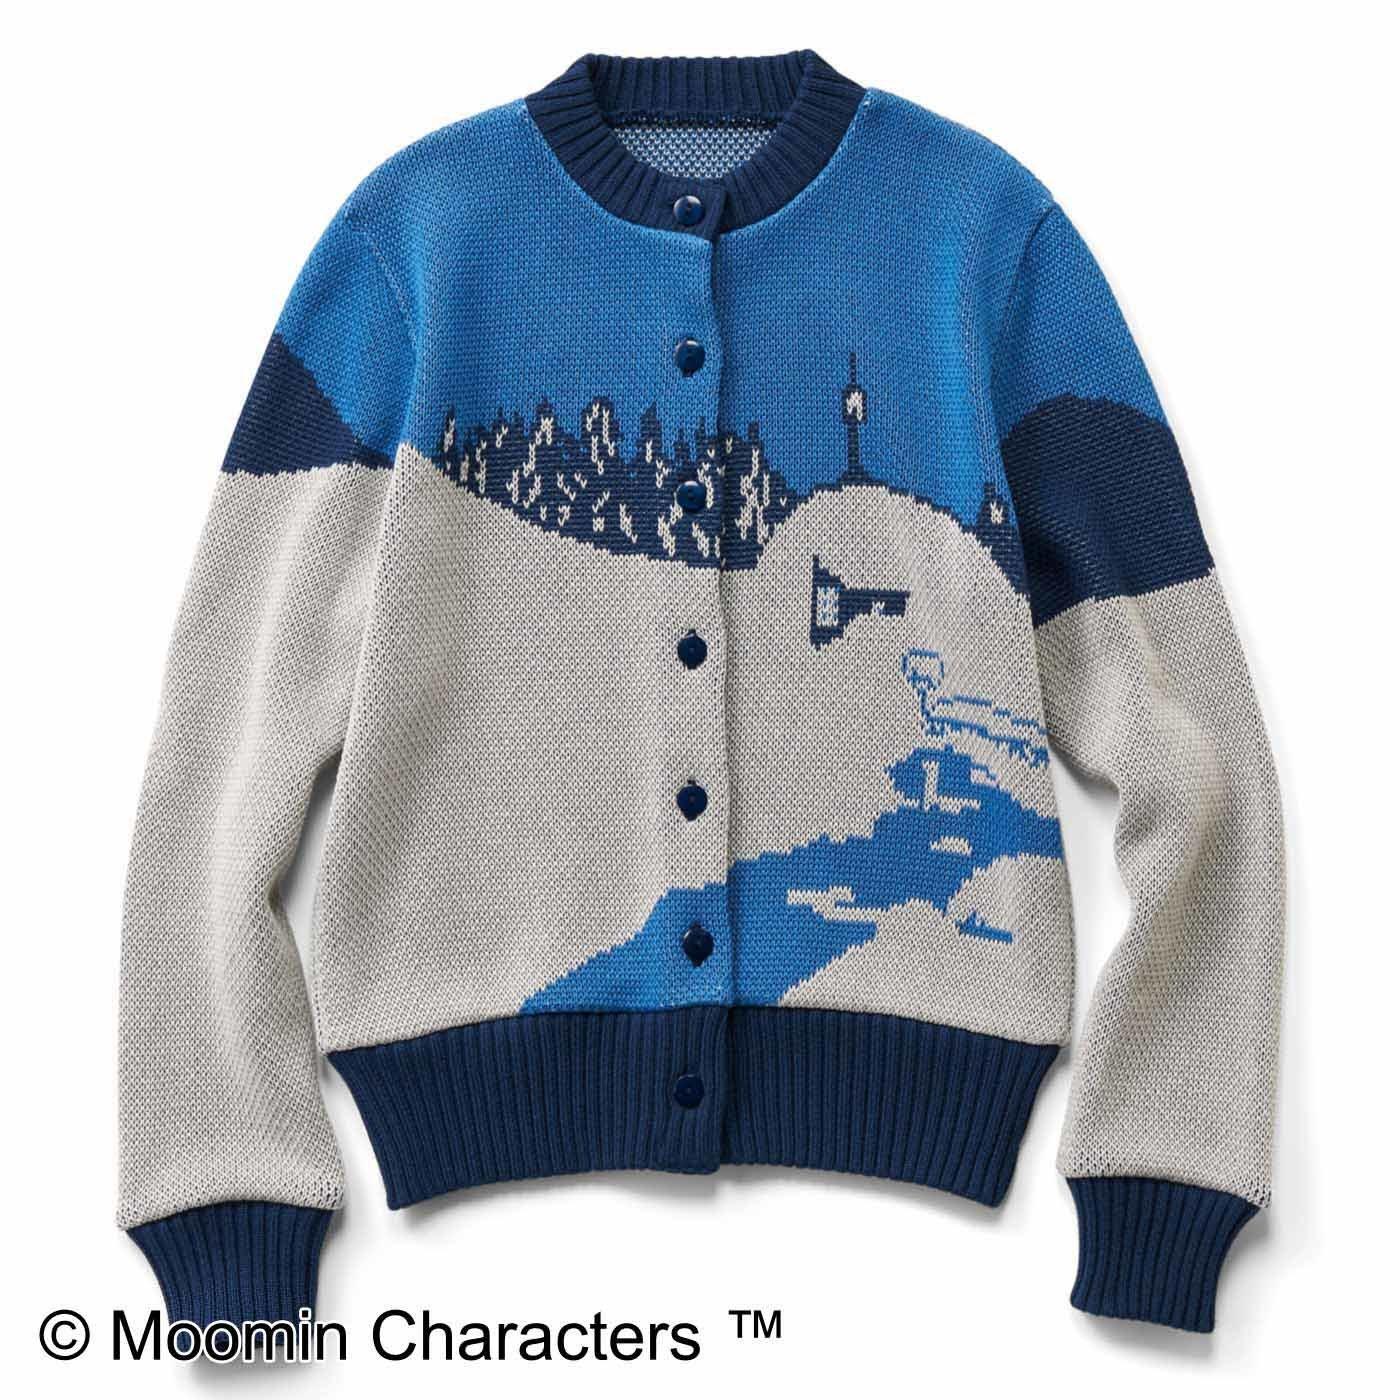 ムーミン 冬のムーミン谷ニットカーディガン〈ブルー〉